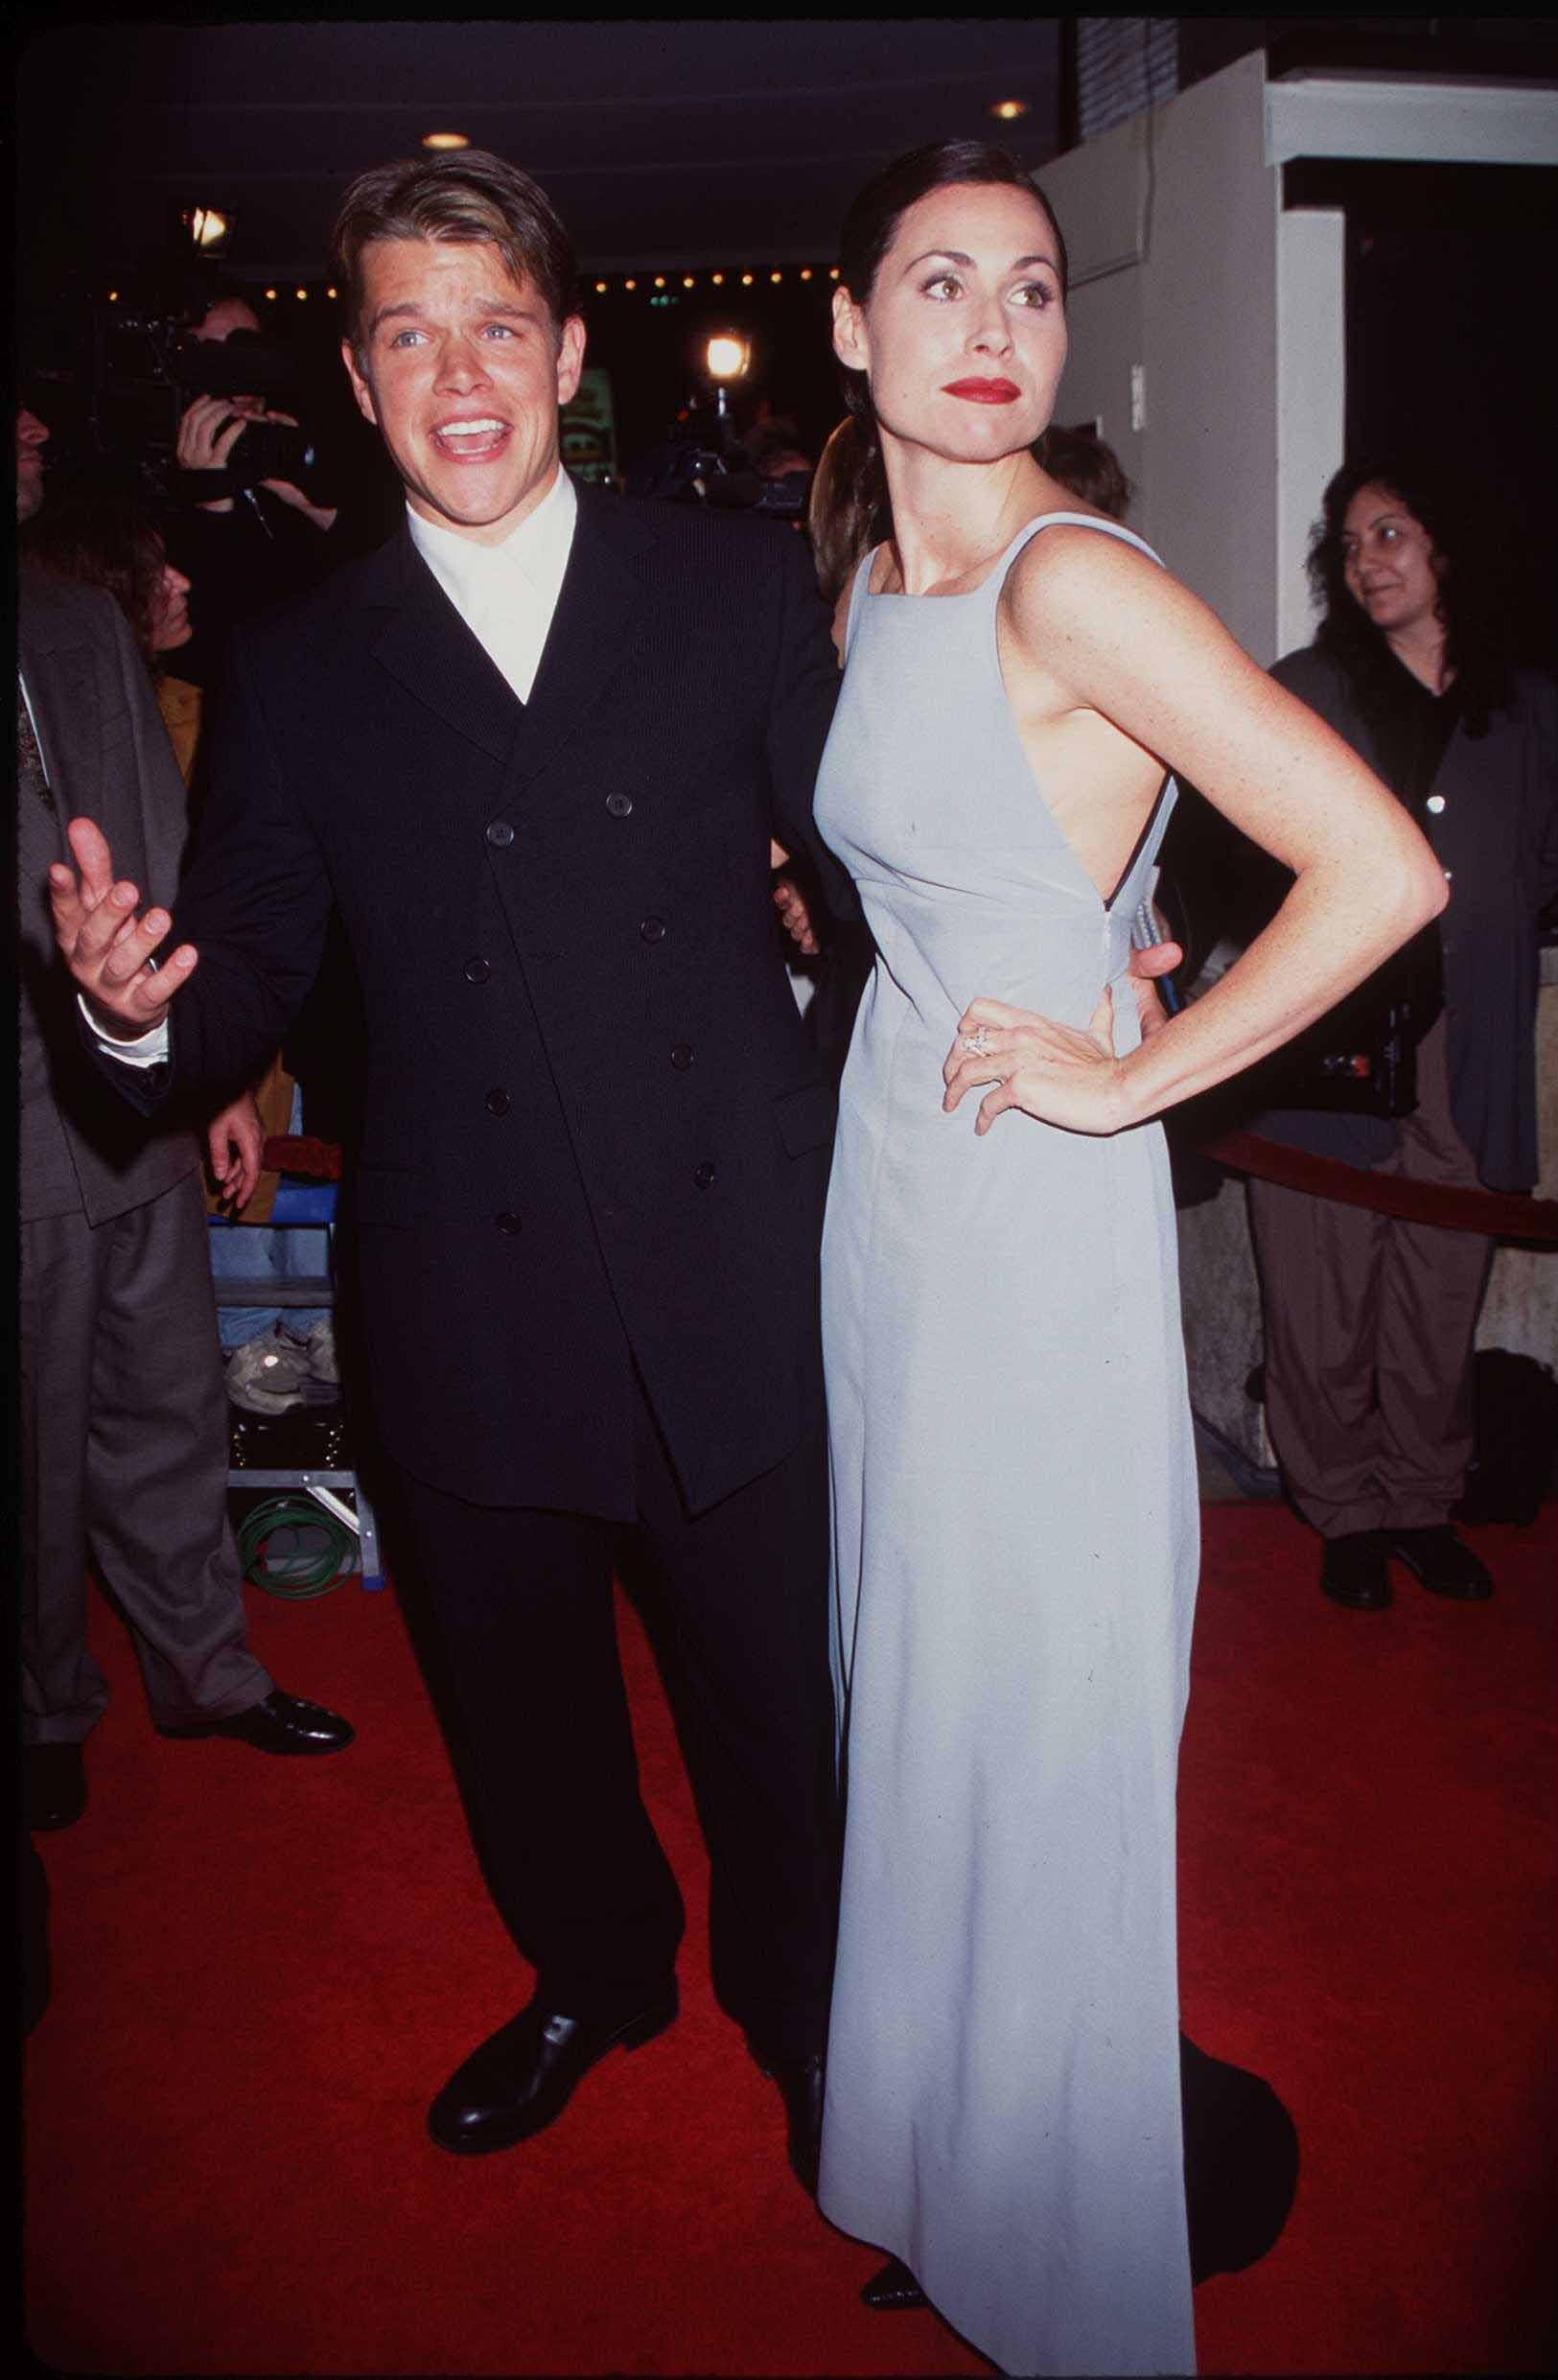 """A atriz Minnie Driver descobriu que não era mais a namorada de Matt Damon ao mesmo tempo em que todo mundo. Em 1998, numa entrevista com Oprah Winfrey, o ator disse que estava solteiro. """"Achei fantasticamente inapropriado"""", comentou Minnie sobre o caso. (Foto: Getty Images)"""